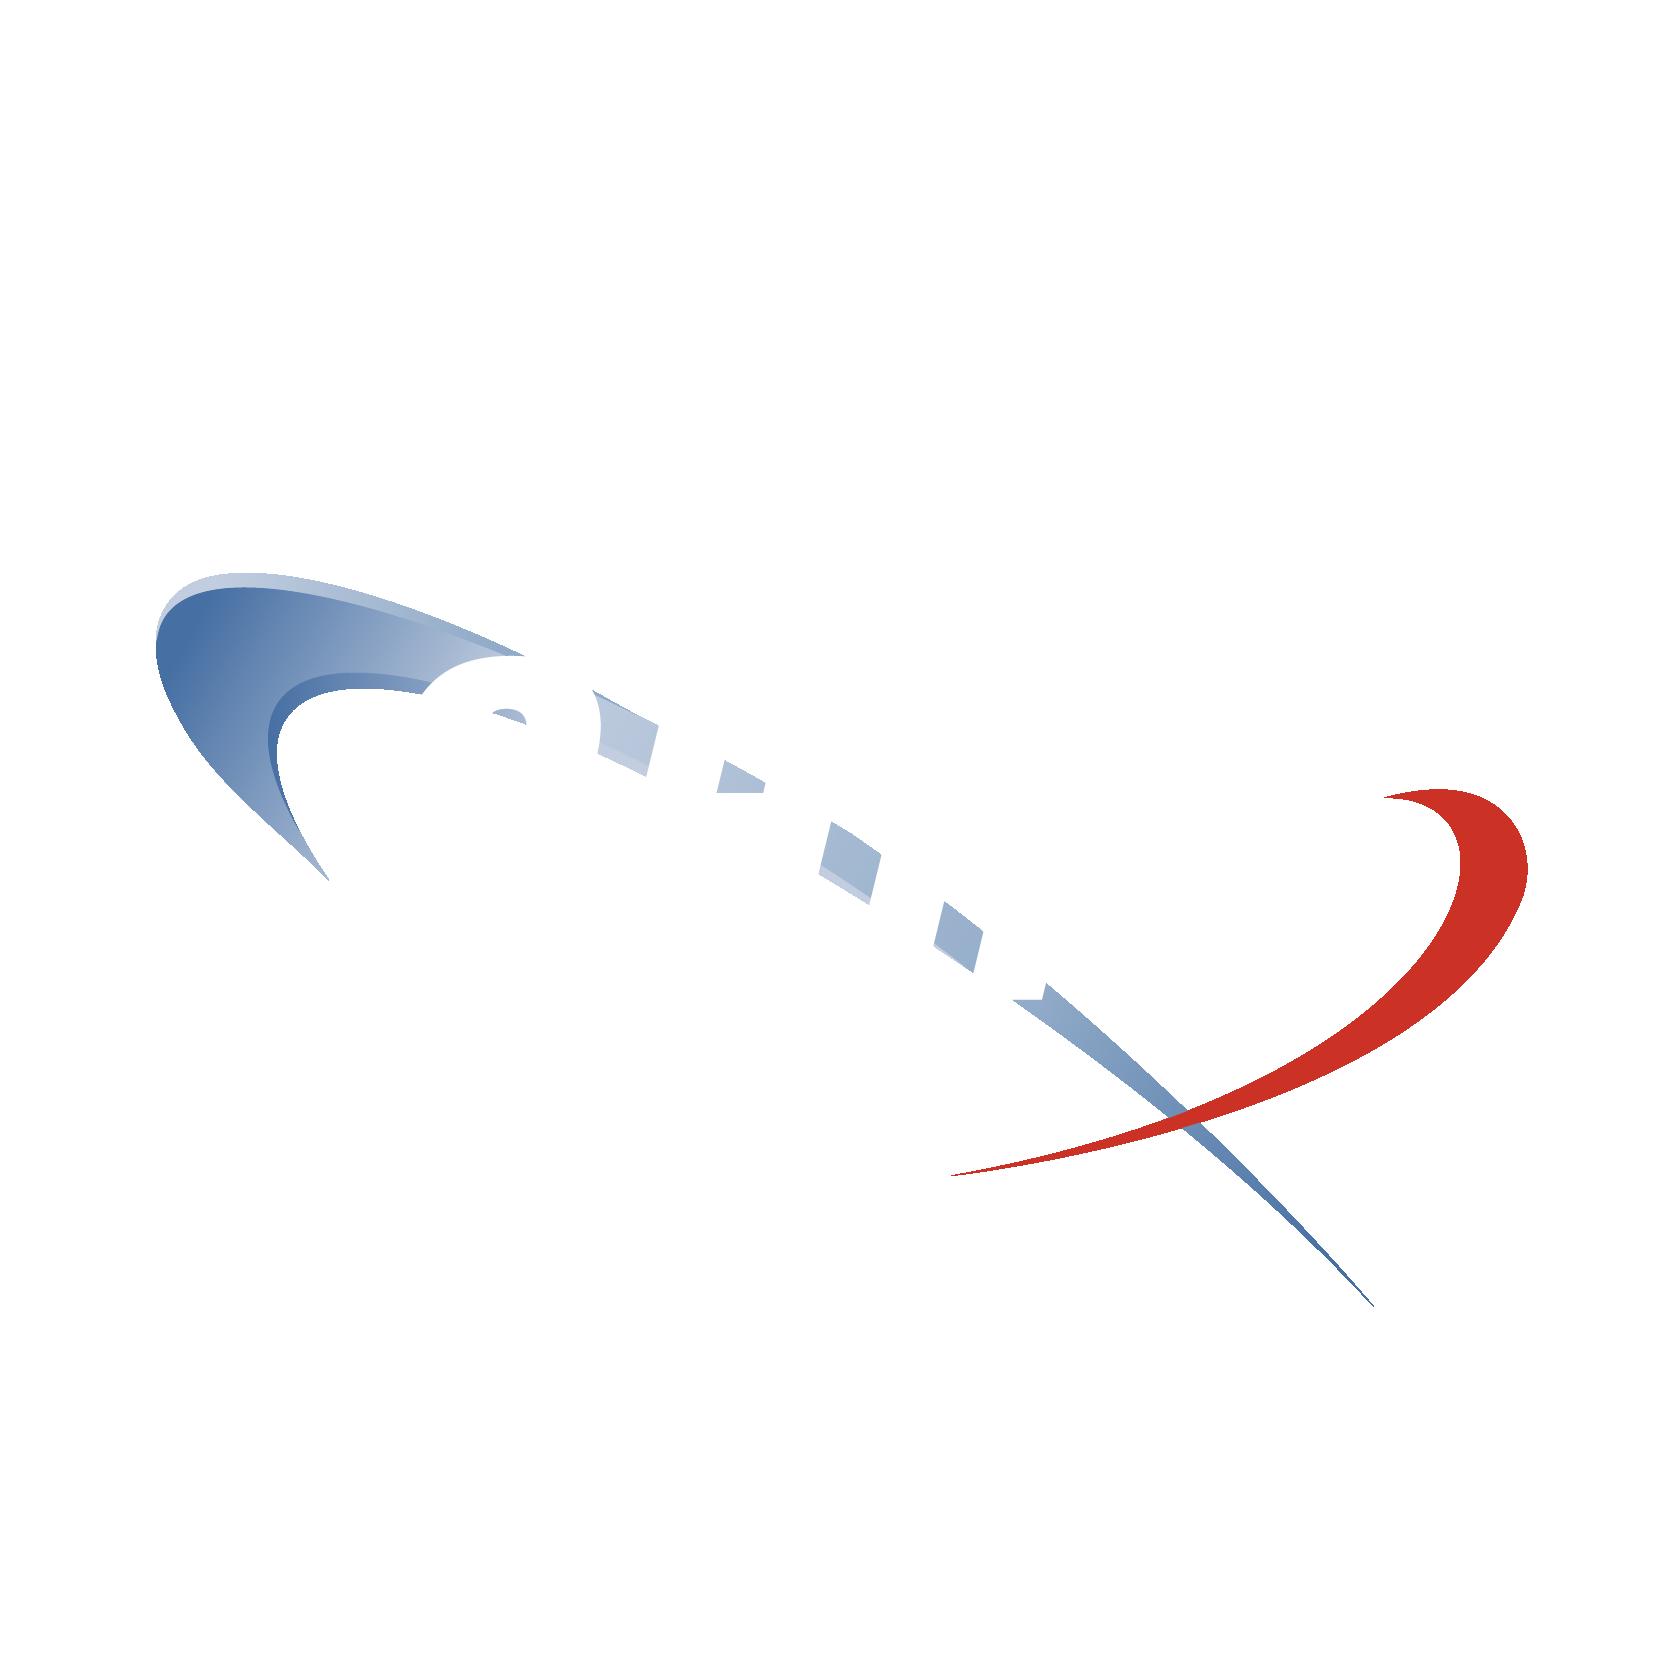 Qhhh的个人博客